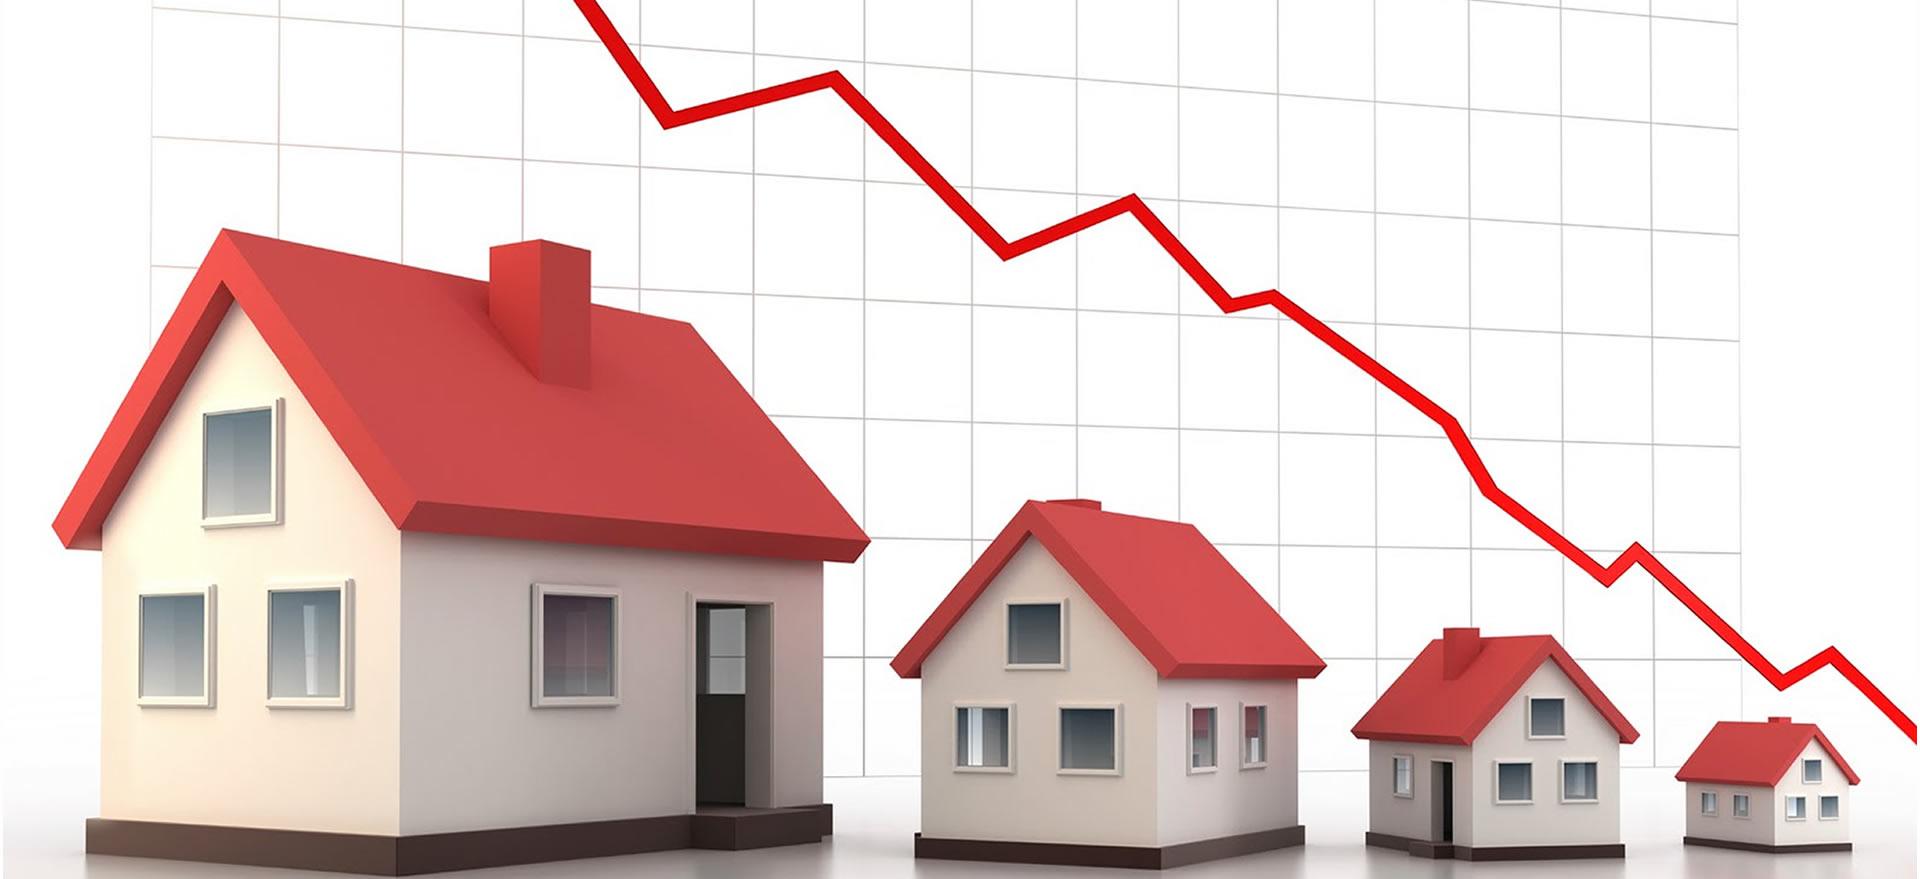 Ancora calo dei prezzi a Roma, ma verso la stabilizzazione del mercato